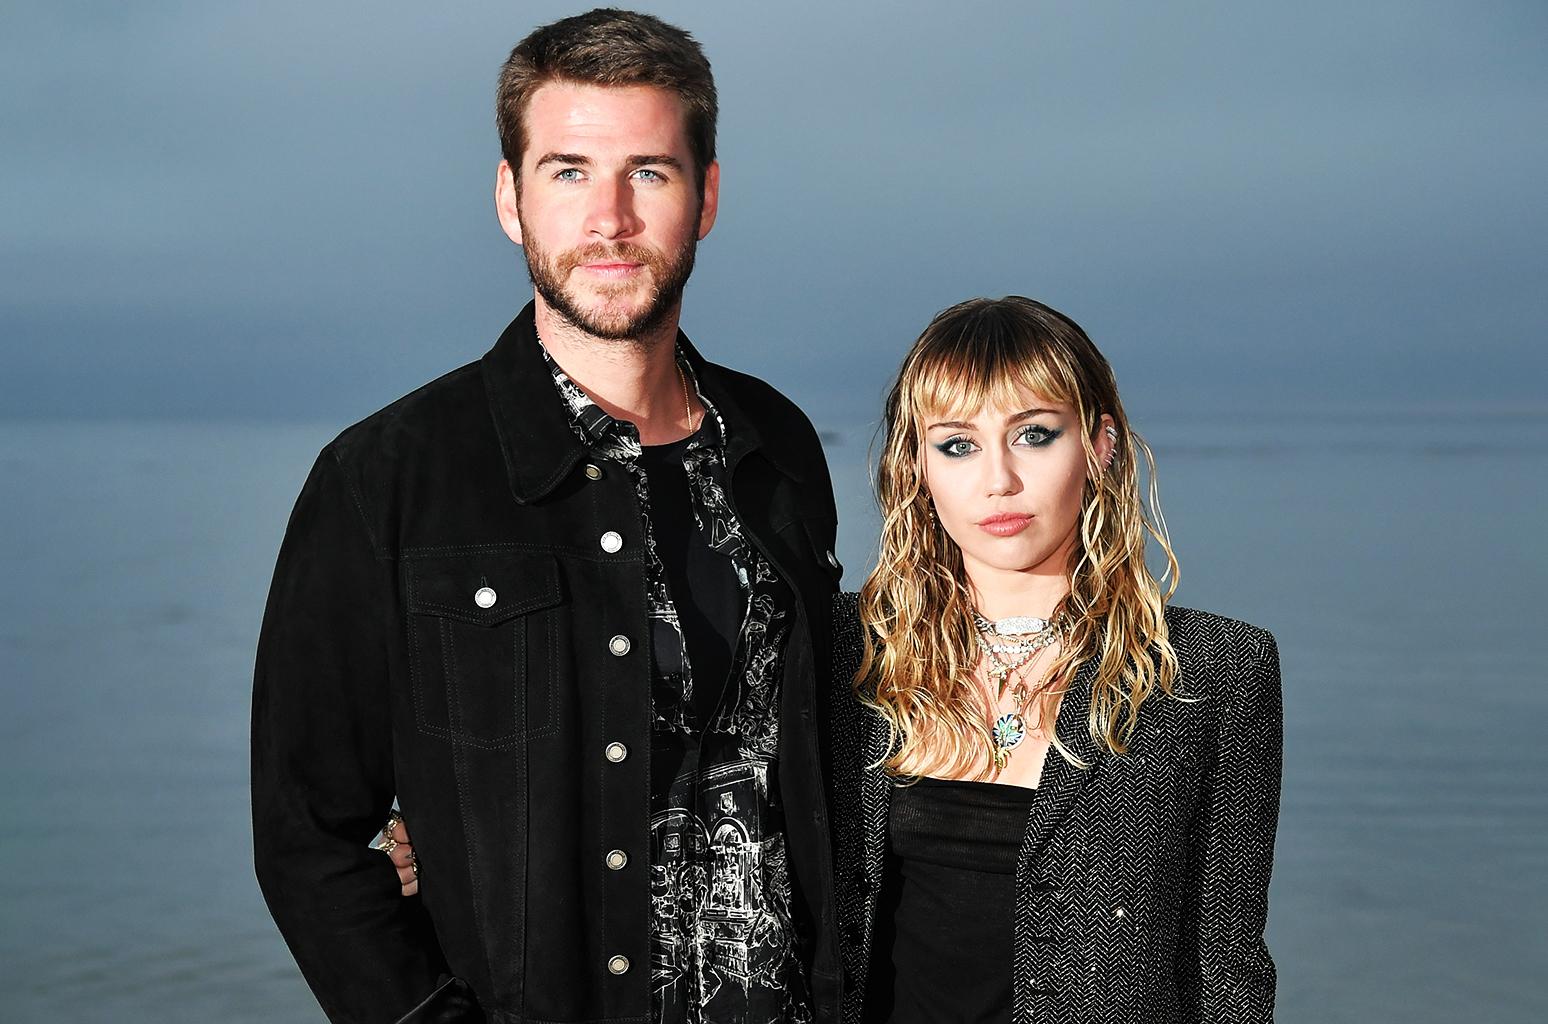 O divórcio de Miley Cyrus e Liam Hemsworth poderia ter sido evitado?